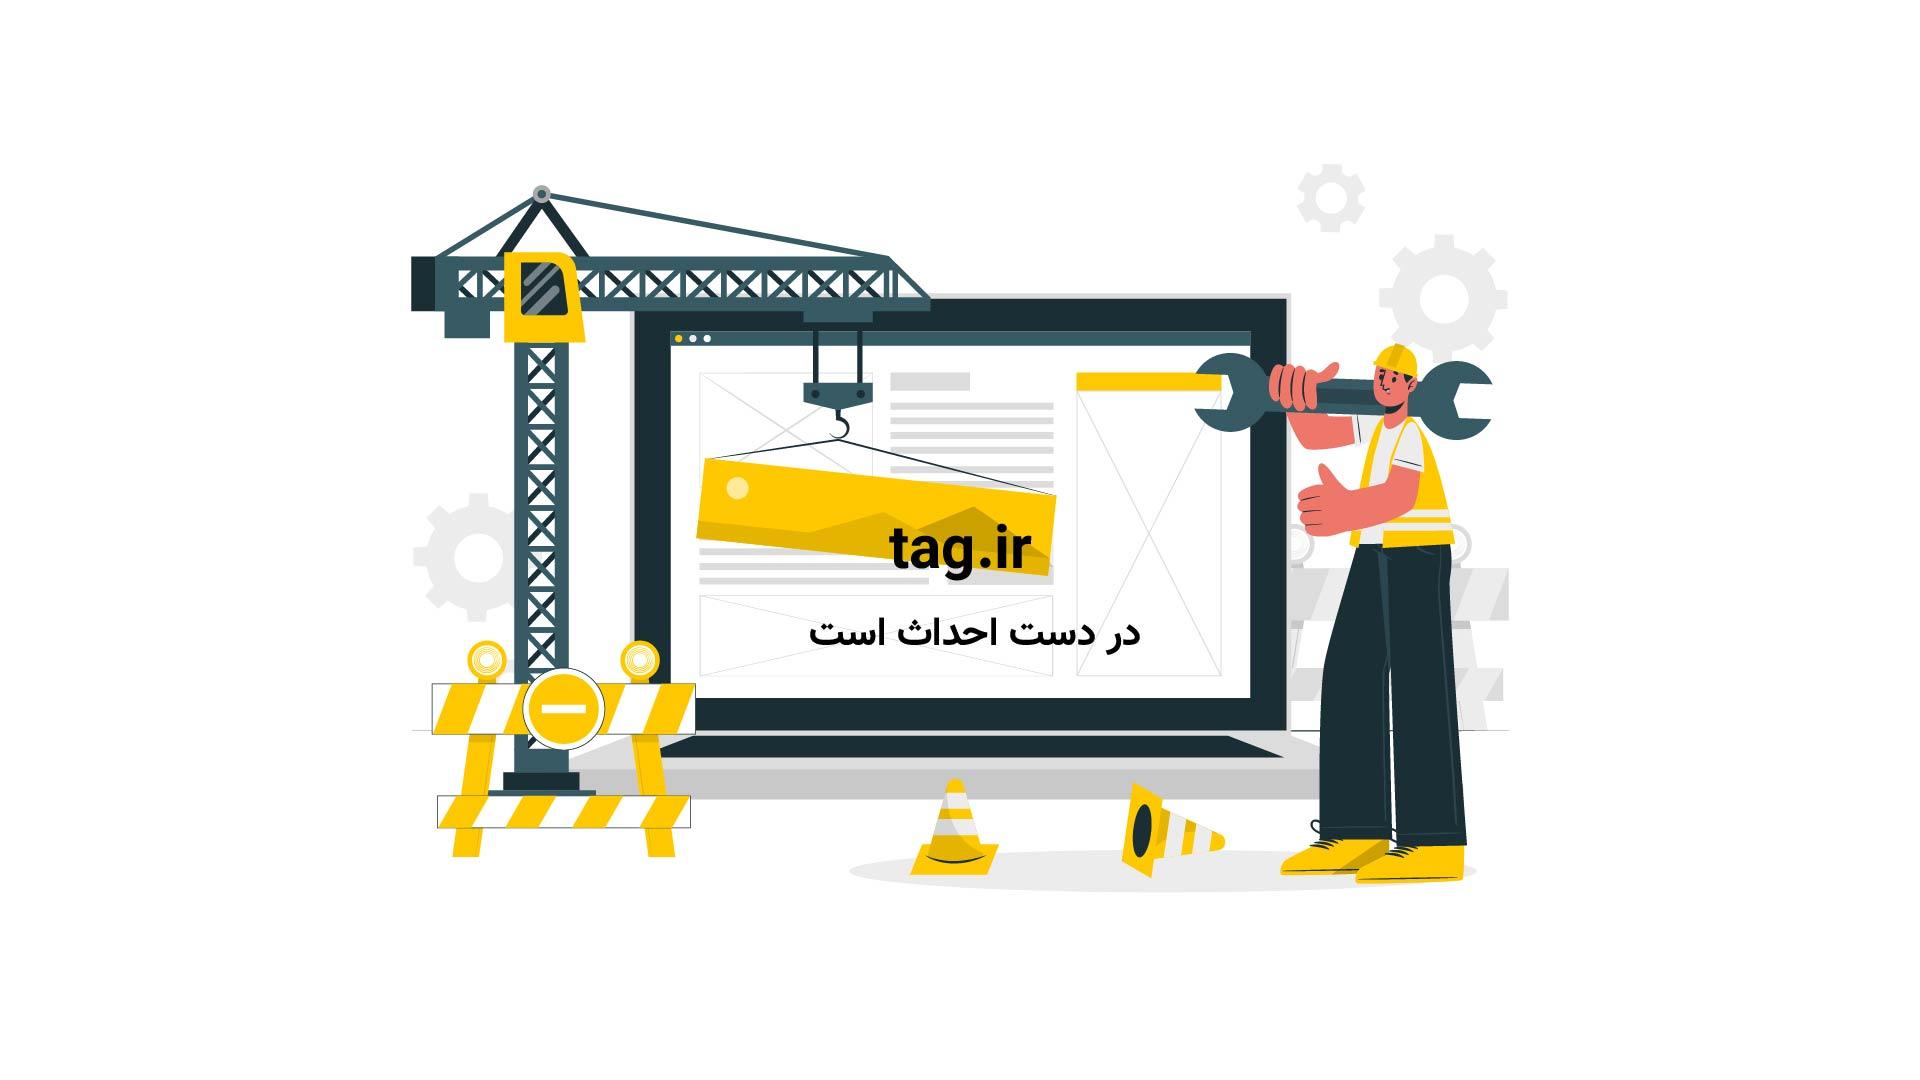 انیمیشن کمدی دنیای حیوانات؛ این قسمت خرچنگ و نارگیل | فیلم